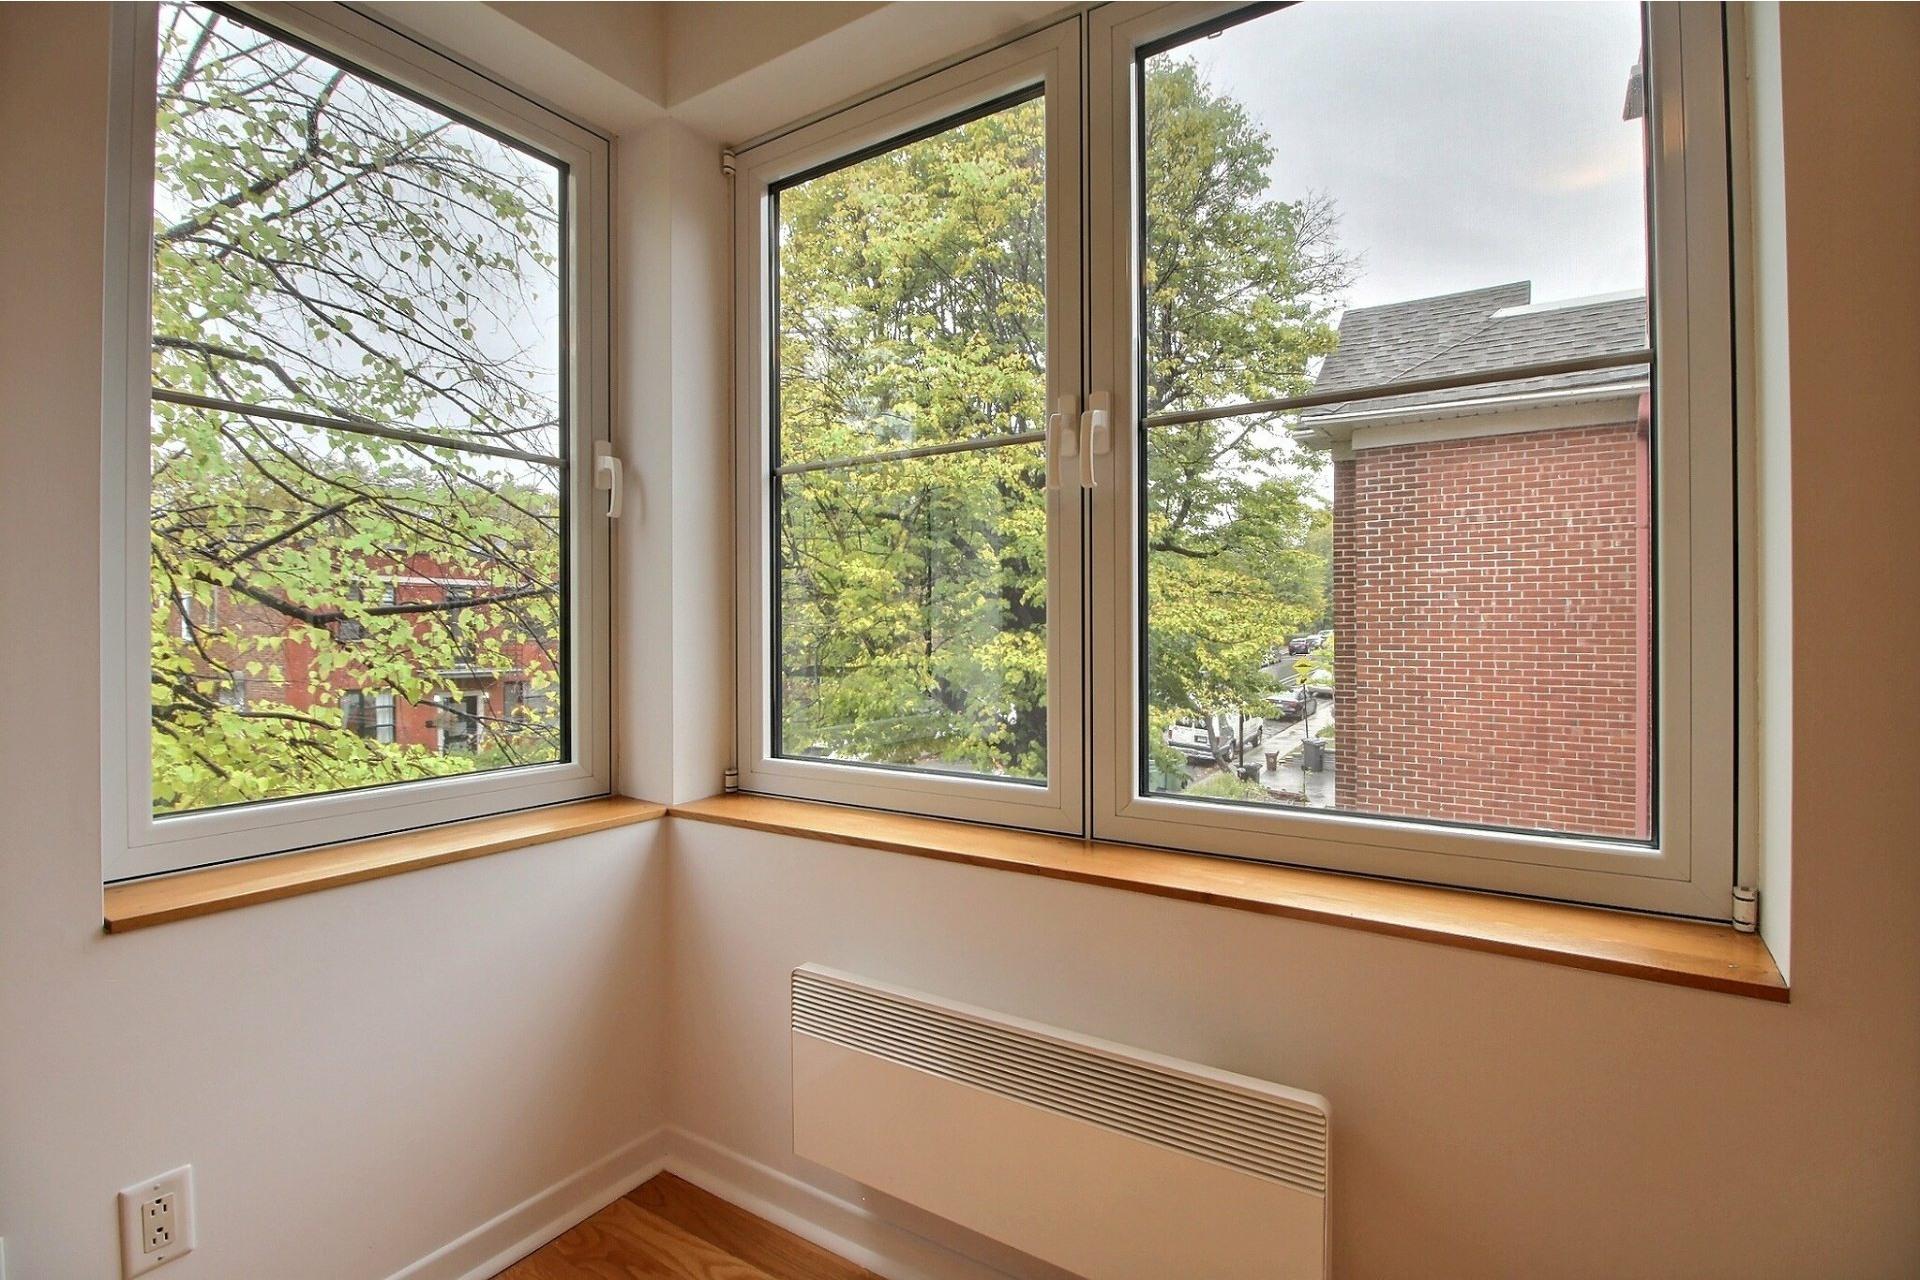 image 12 - Appartement À louer Côte-des-Neiges/Notre-Dame-de-Grâce Montréal  - 6 pièces